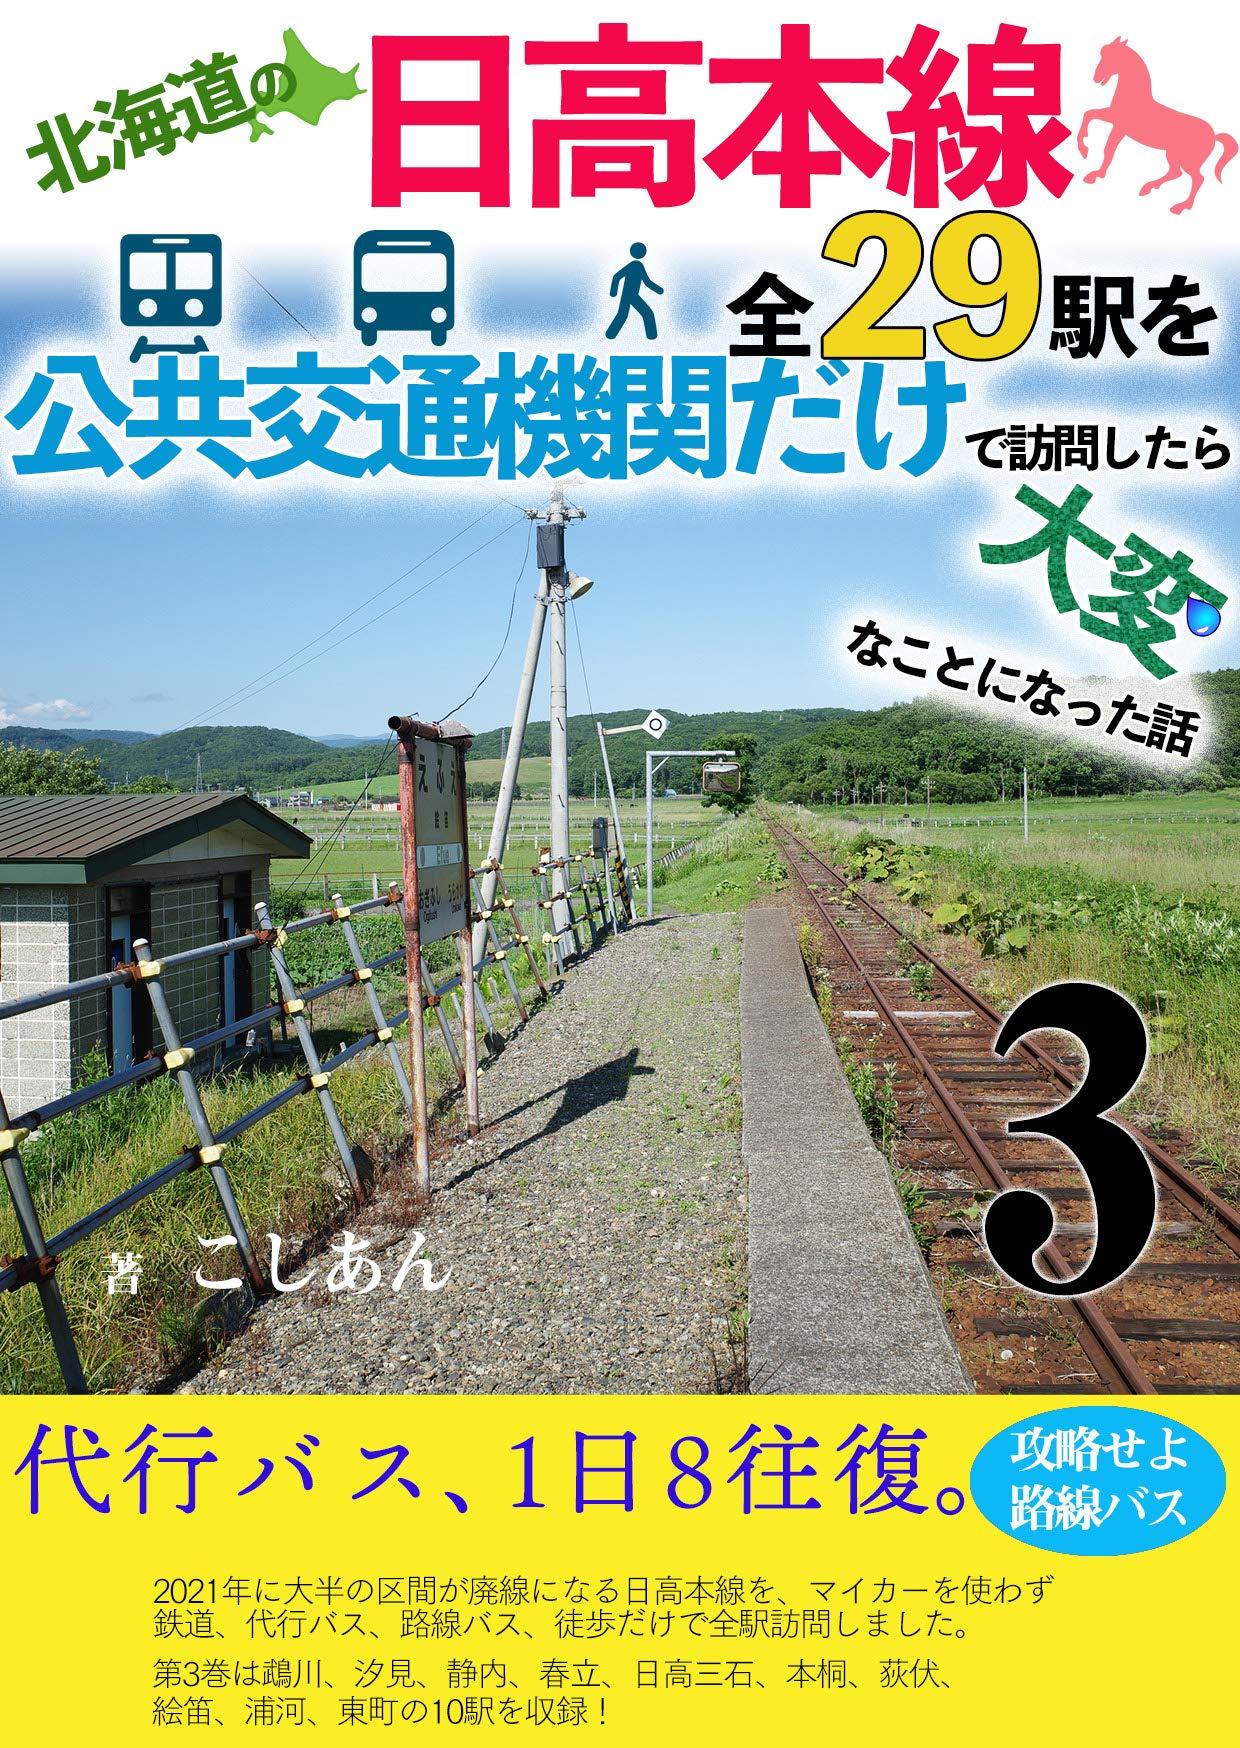 Complete Guide of All 29 Stations on Hidaka Line Hokkaido 3 Hokkaido no Hidaka Honsen Zen 29 Eki wo Koukyou Koutsuu Kikan Dakede Houmon Shitara Taihen na Koto ni Natta Hanashi